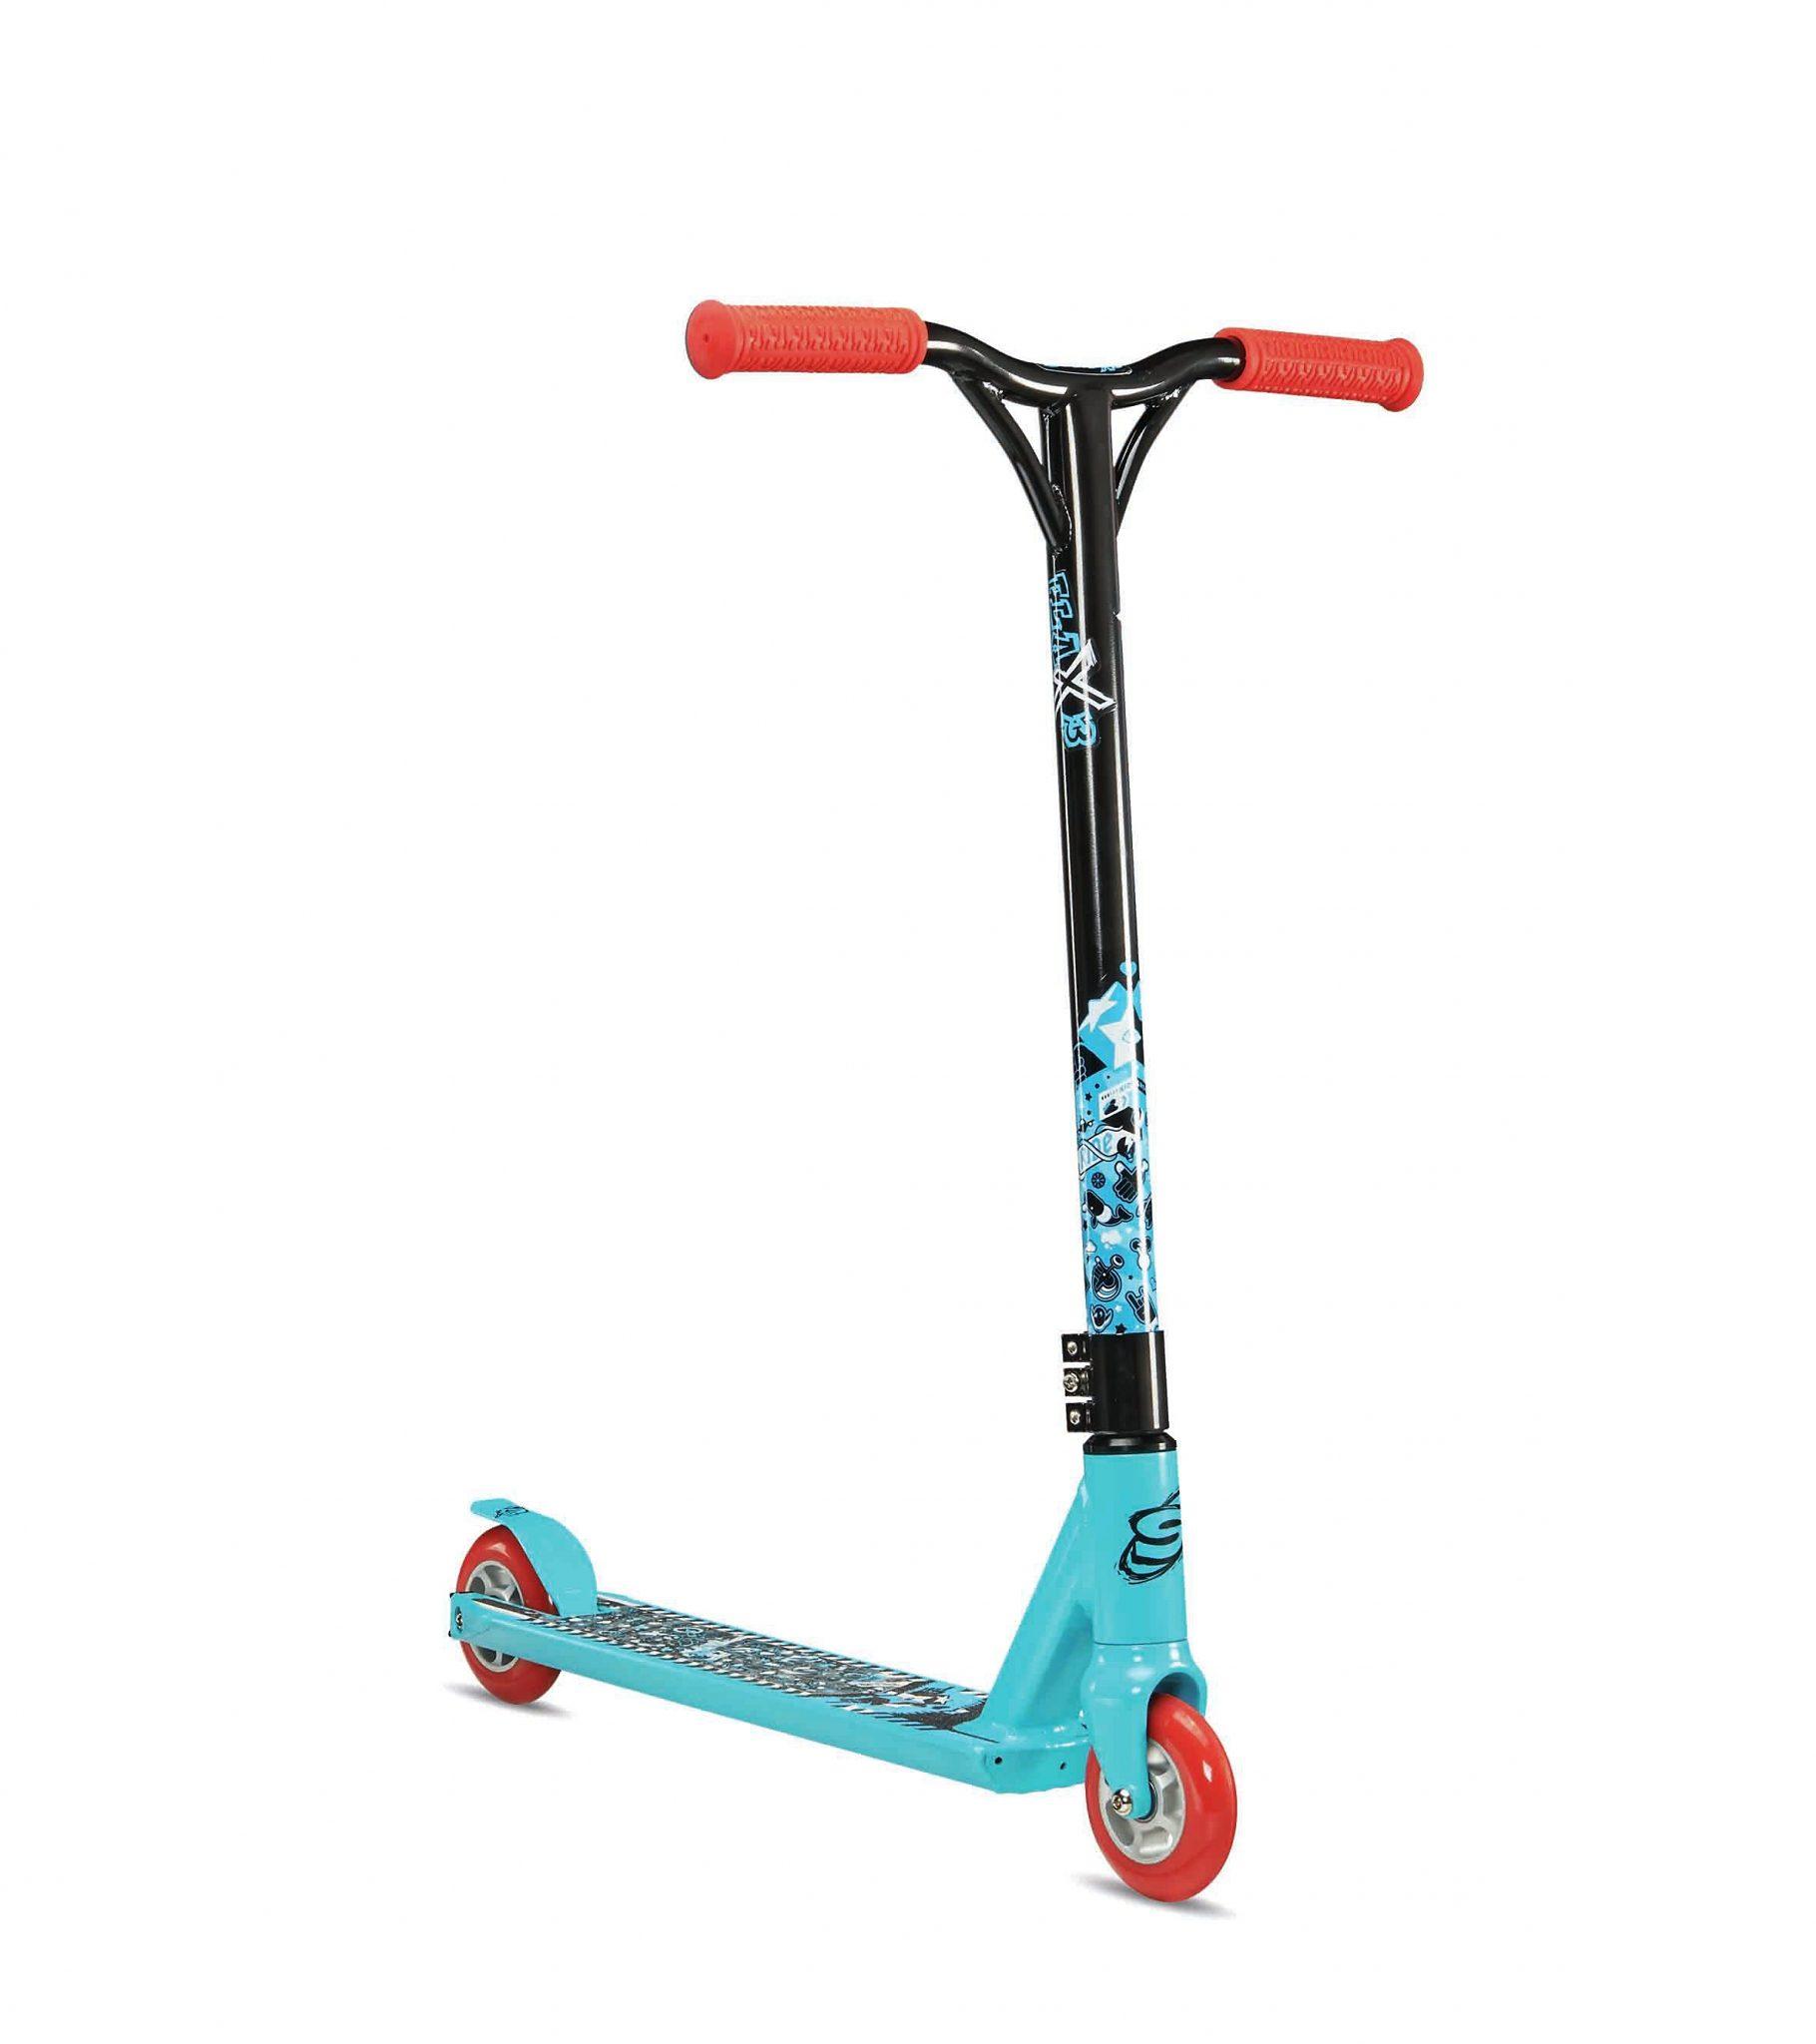 S'COOL Kinderfahrzeug »flaX 3 Stunt-Scooter«